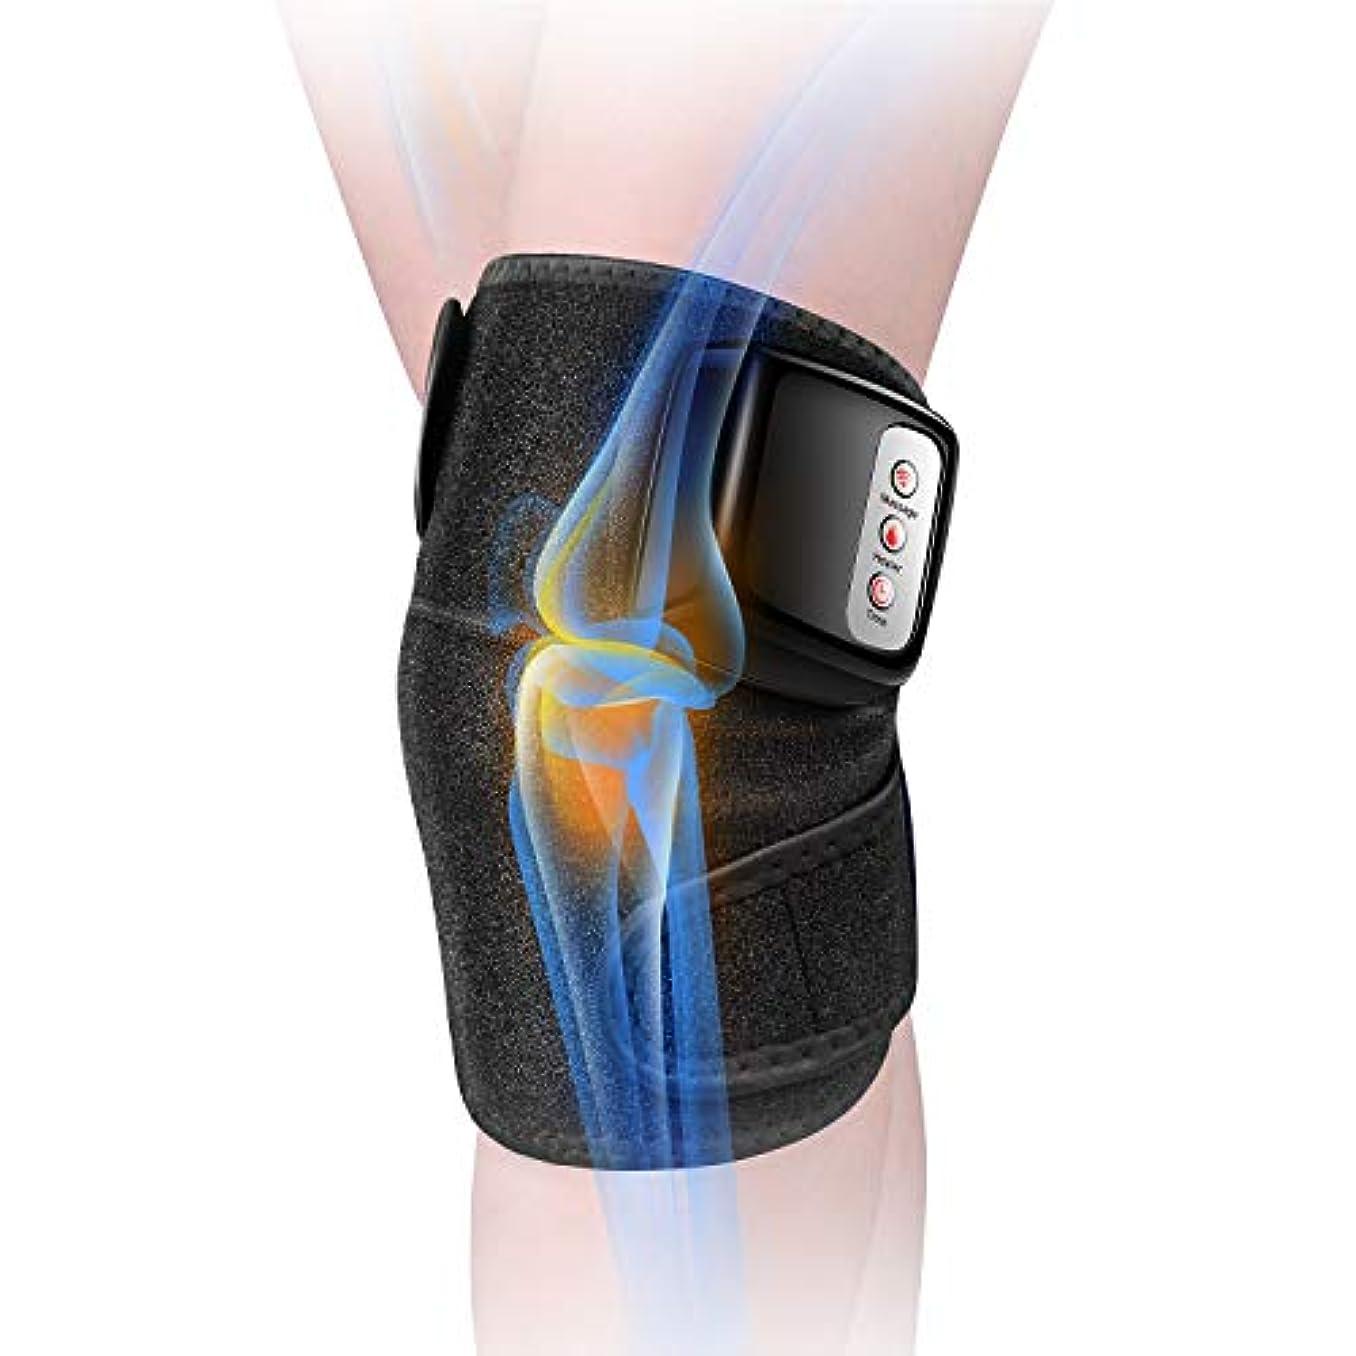 先駆者こっそりカナダ膝マッサージャー 関節マッサージャー マッサージ器 フットマッサージャー 振動 赤外線療法 温熱療法 膝サポーター ストレス解消 肩 太もも/腕対応